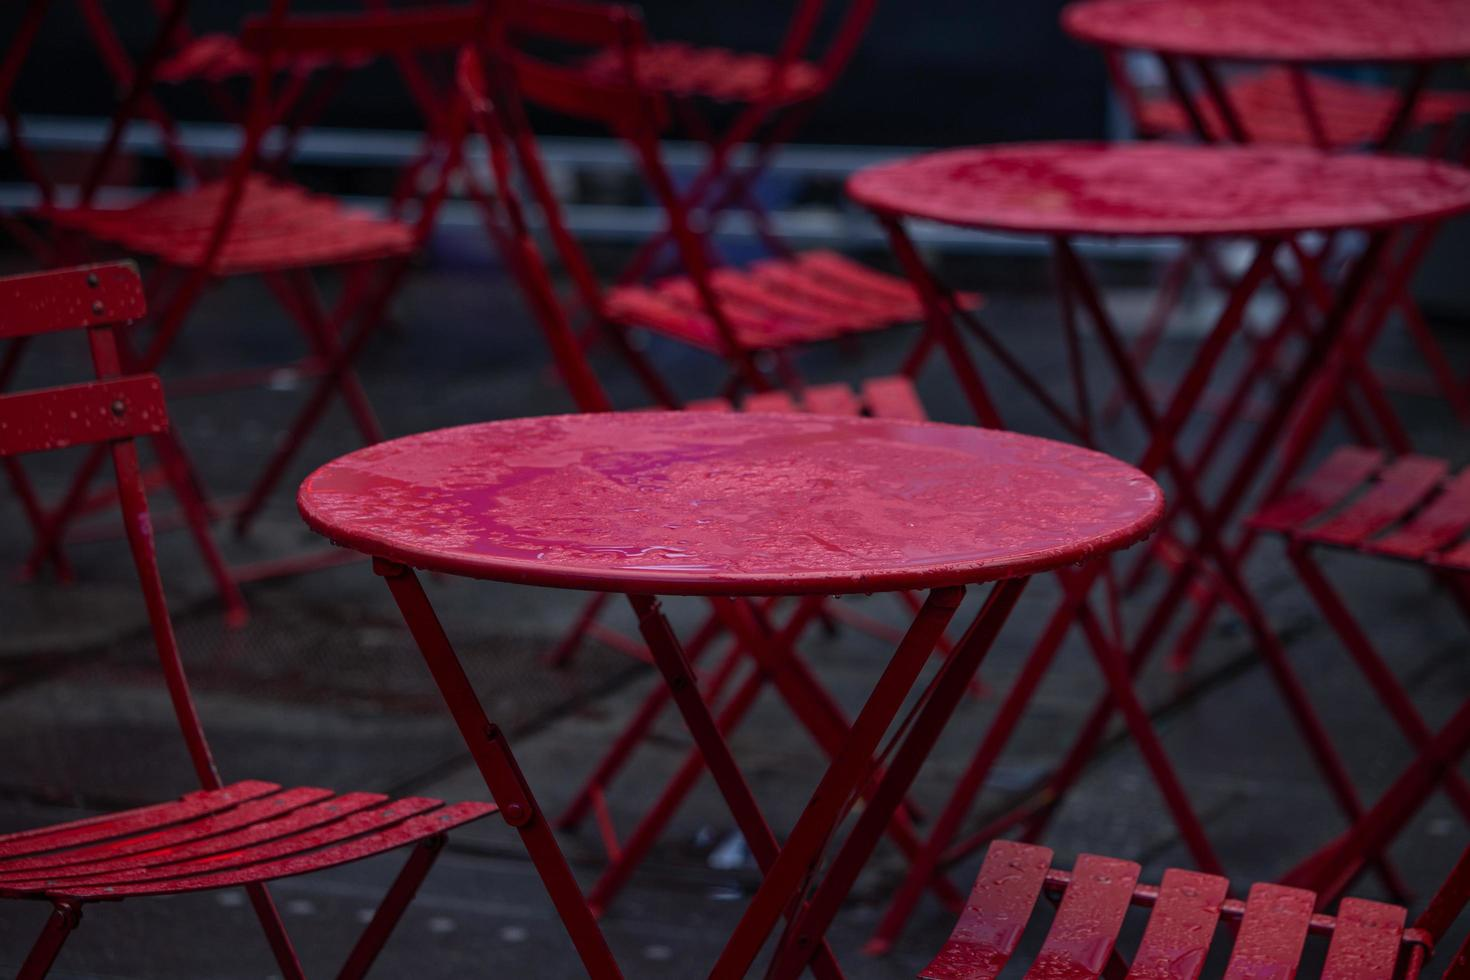 röda bord och stolar våta av regn foto